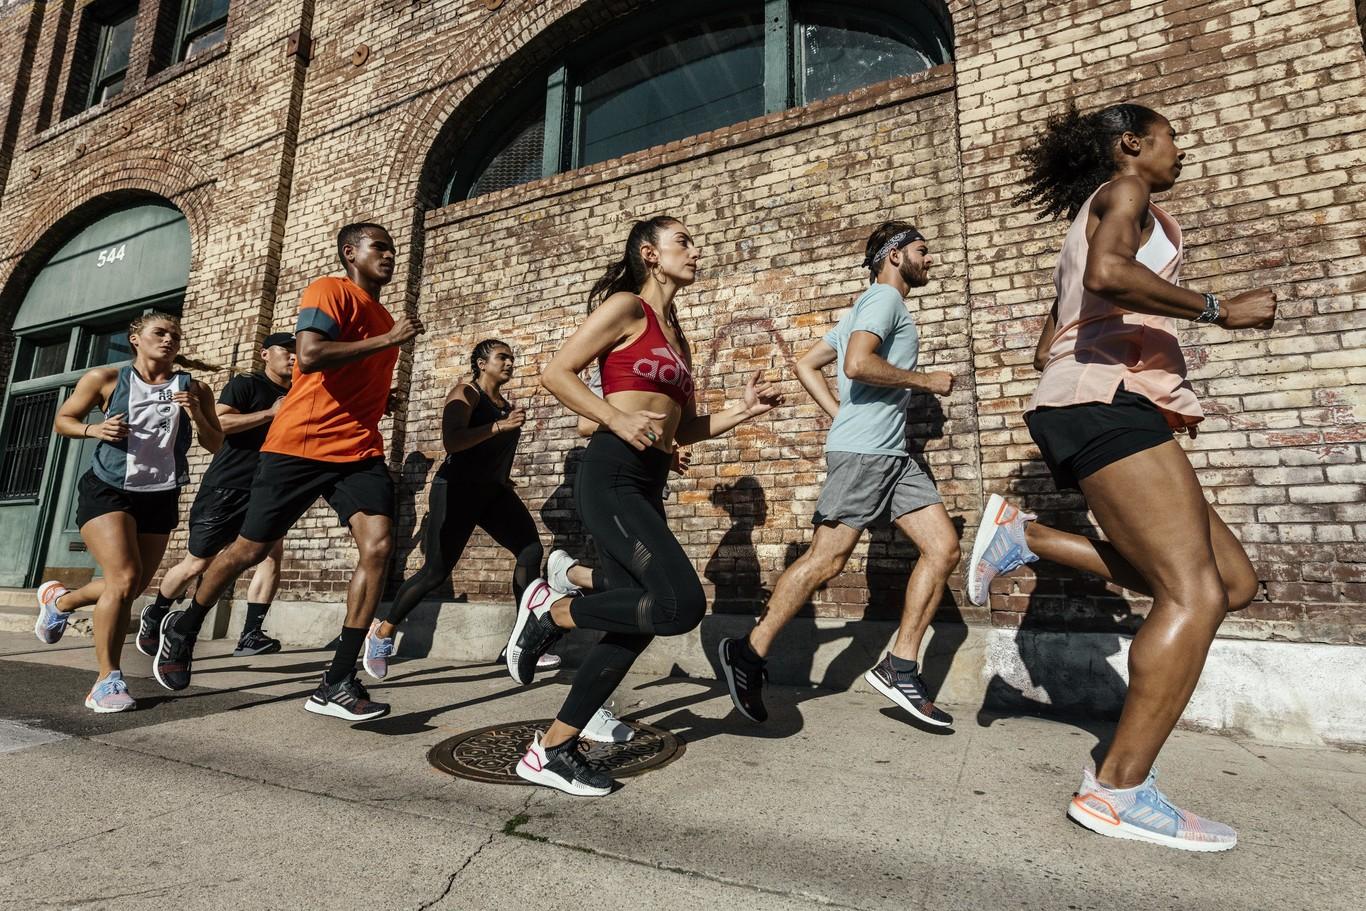 Cómo empezar a correr: de cero a cinco kilómetros en ocho semanas (semana 8 y final del reto)